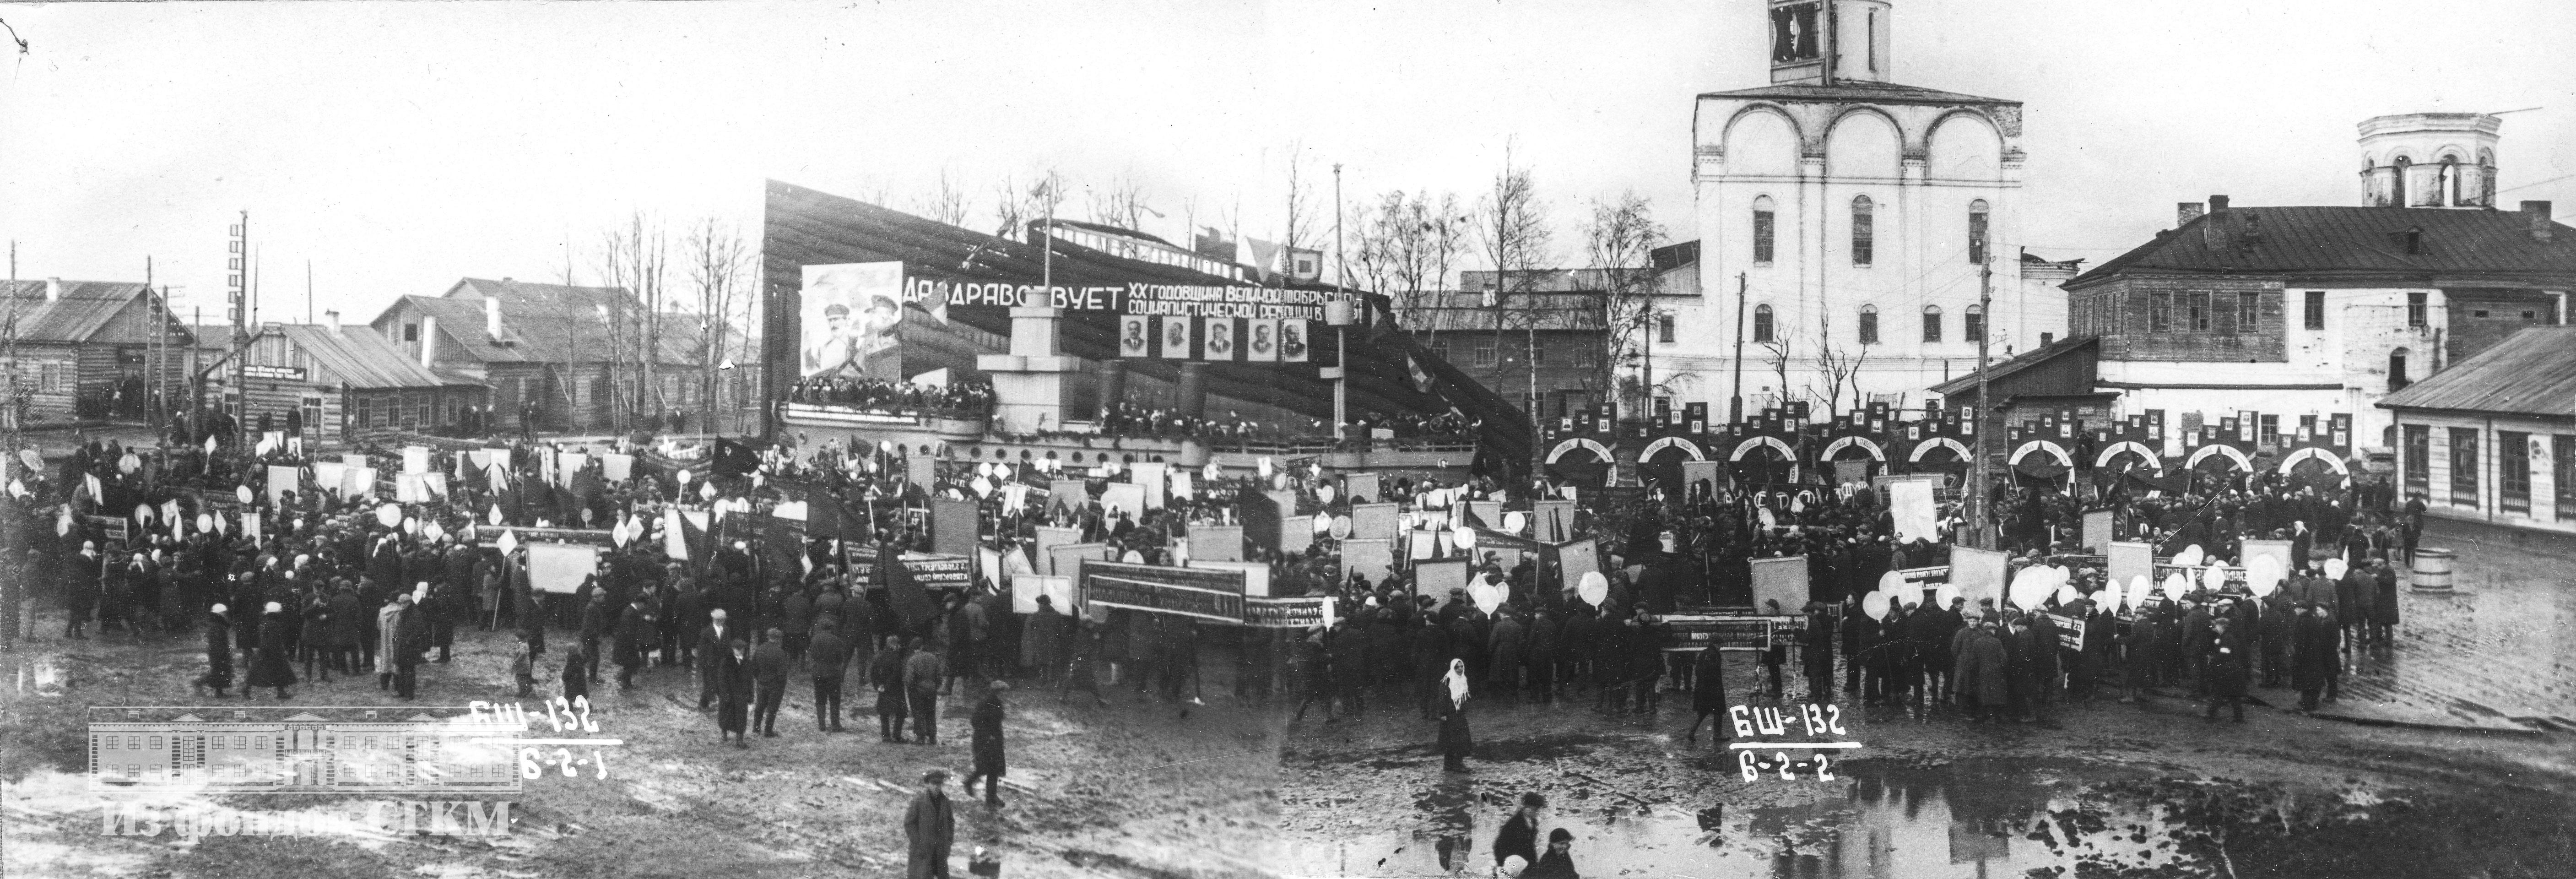 1937. Празднование 20 годовщины Великой октябрьской революции. 7 ноября